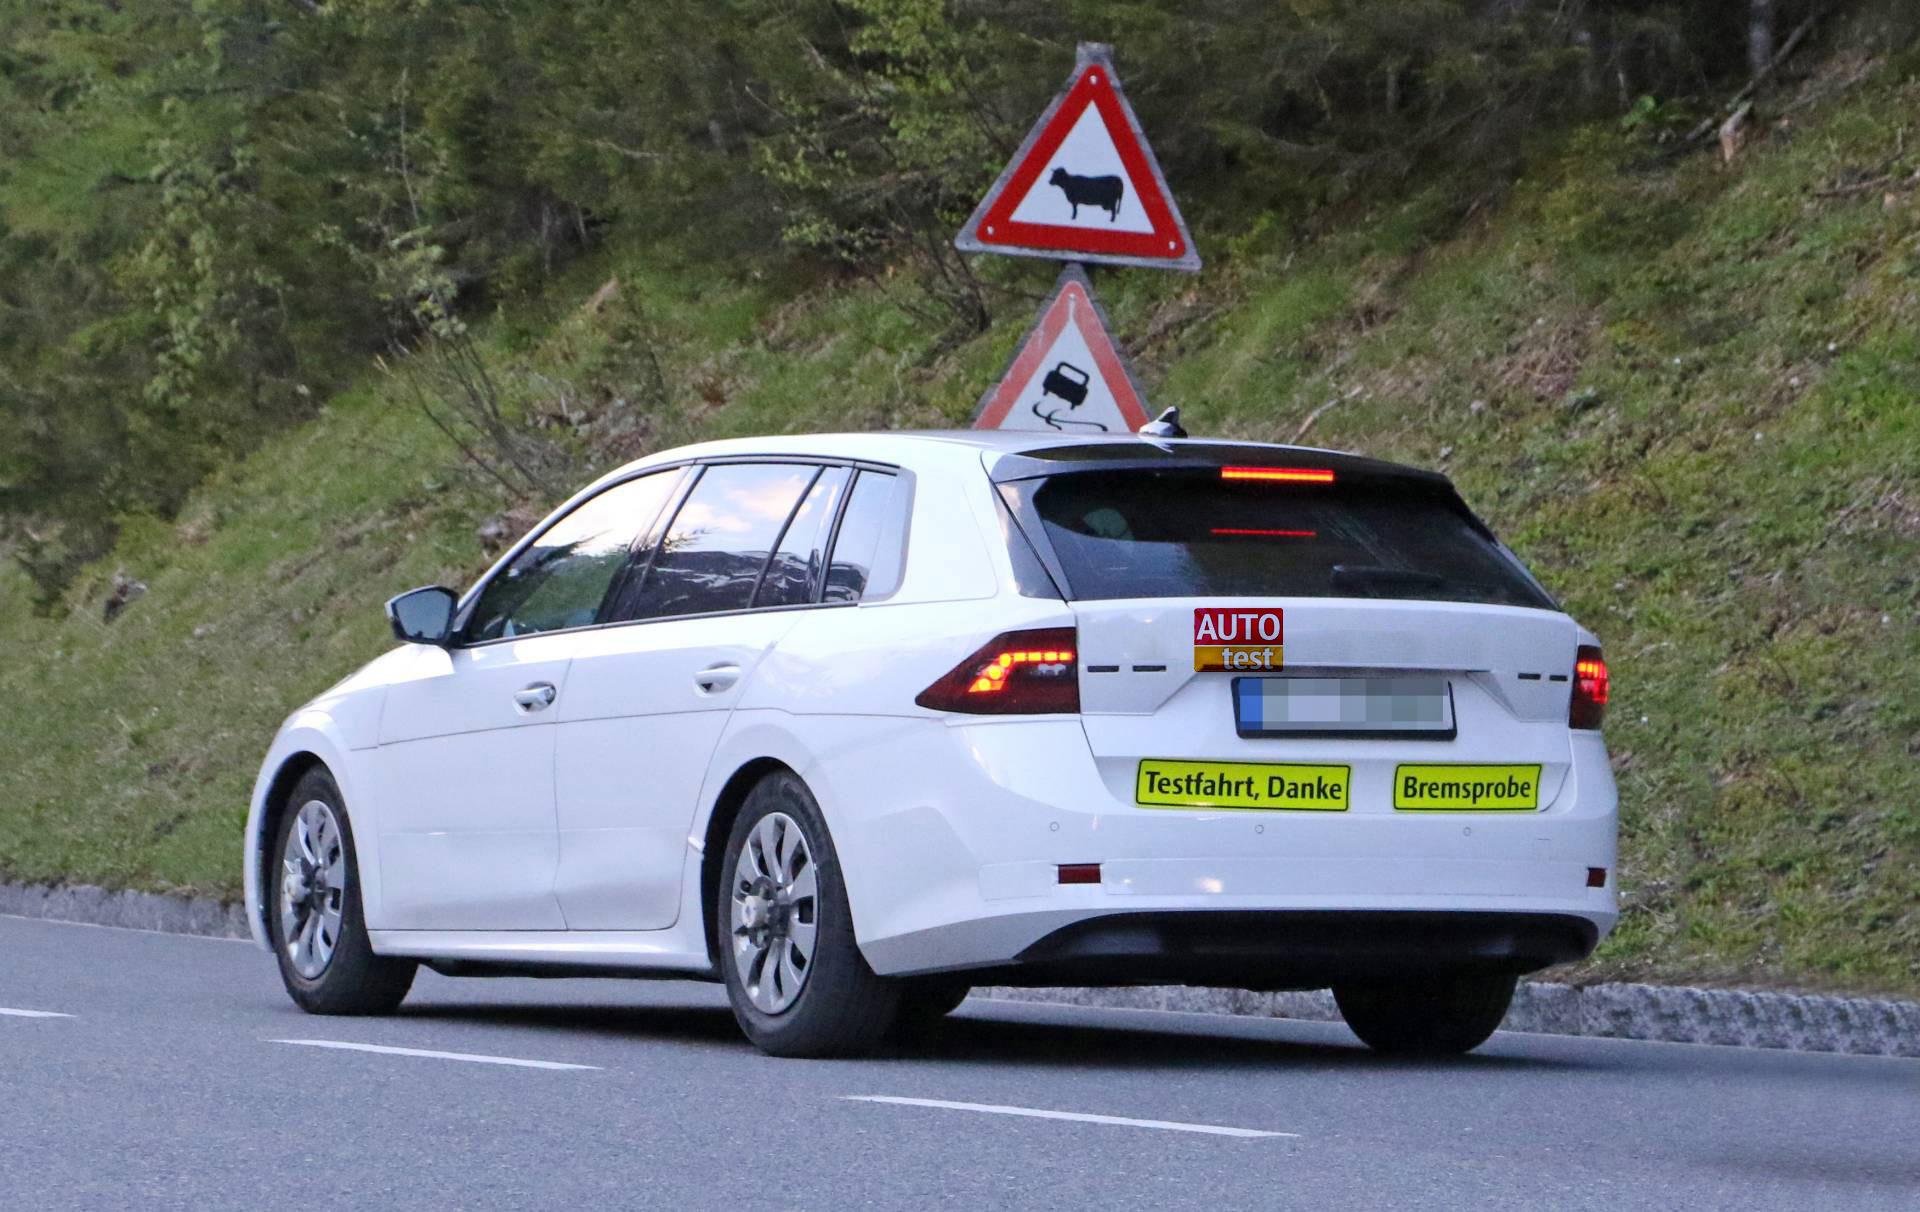 Nová Škoda Octavia snovým dizajnom aj technikou